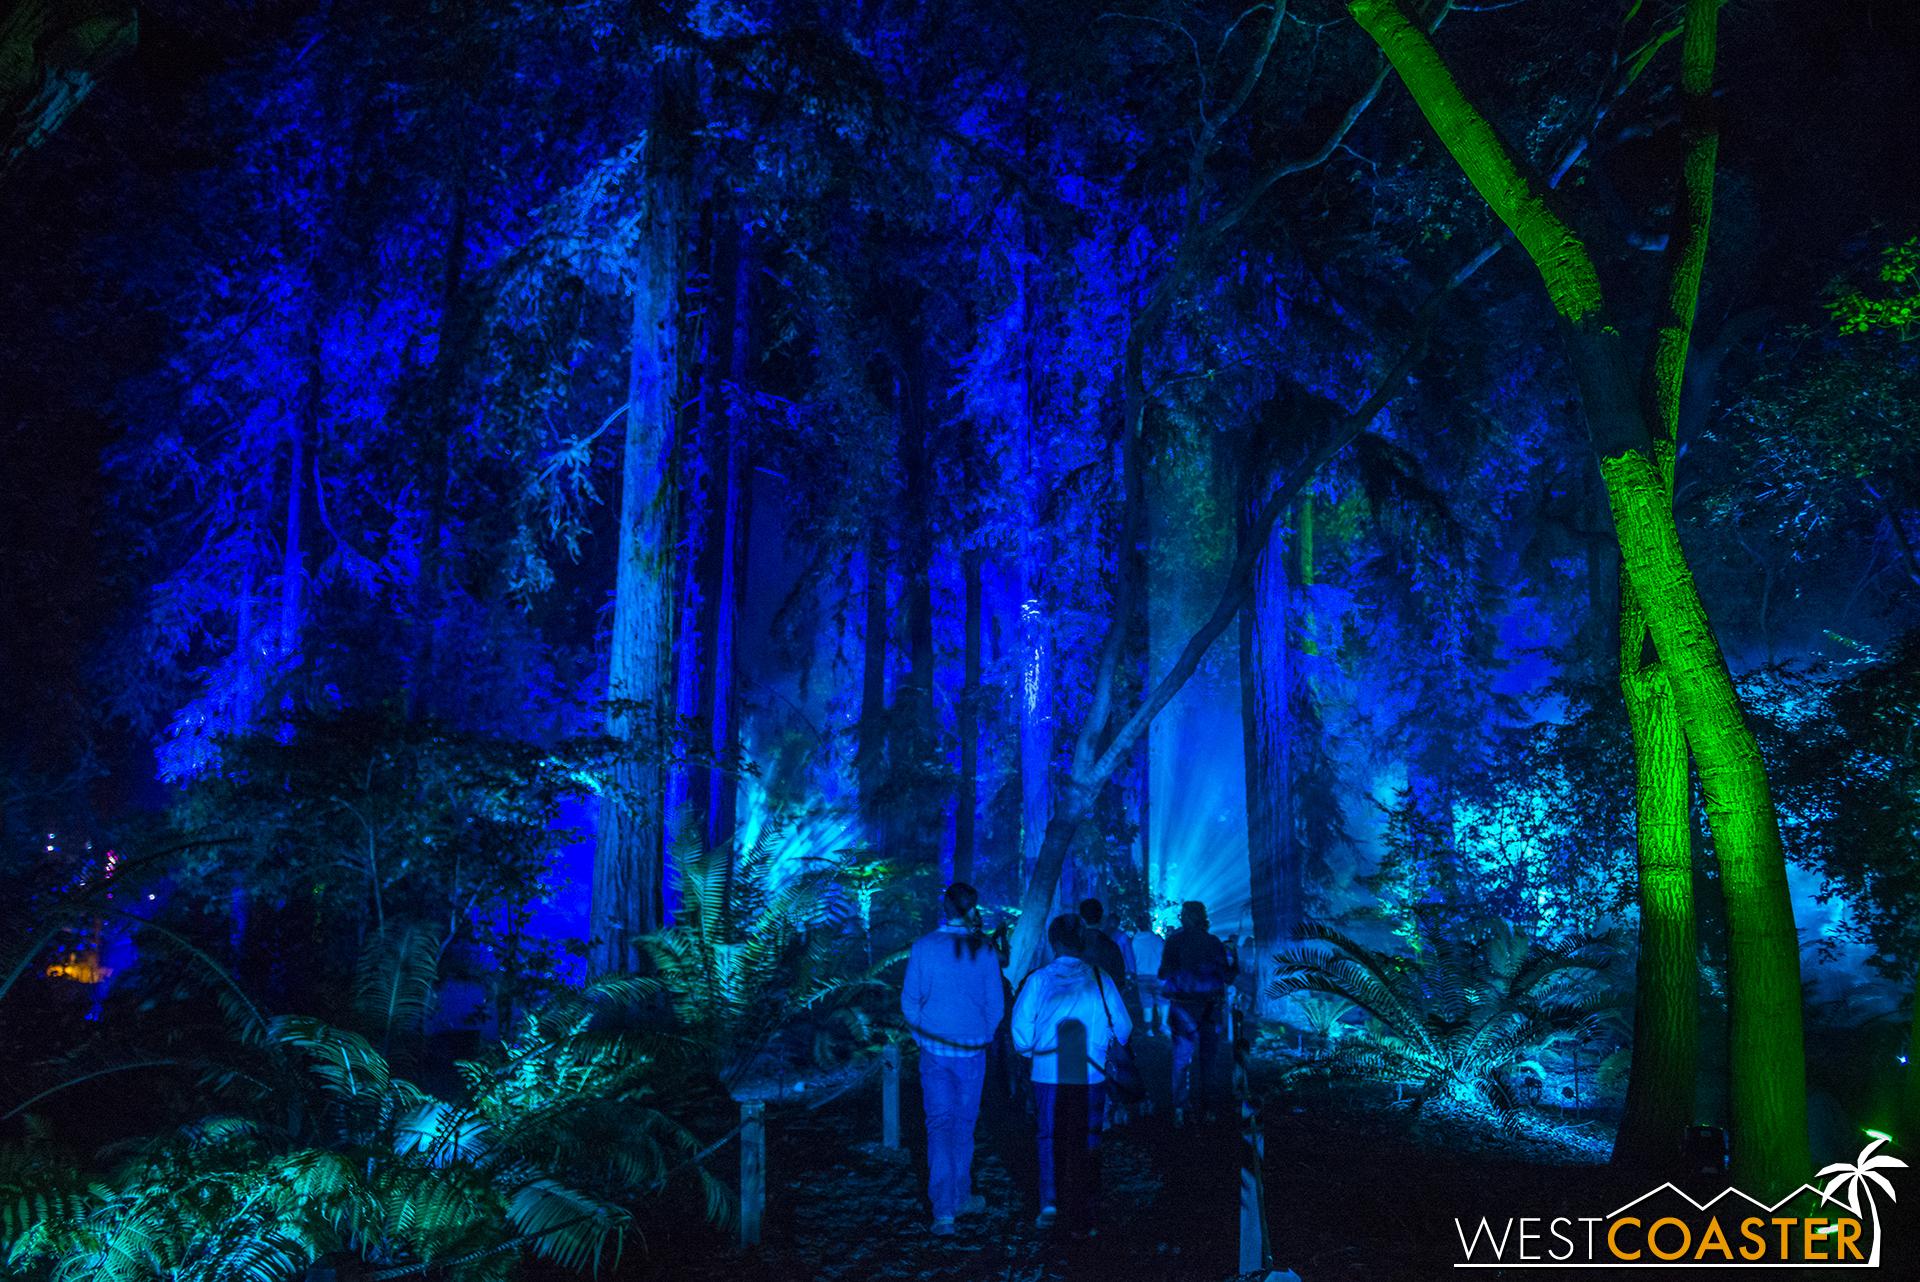 Descanso-17_1201-08-AncientForest-0002.jpg